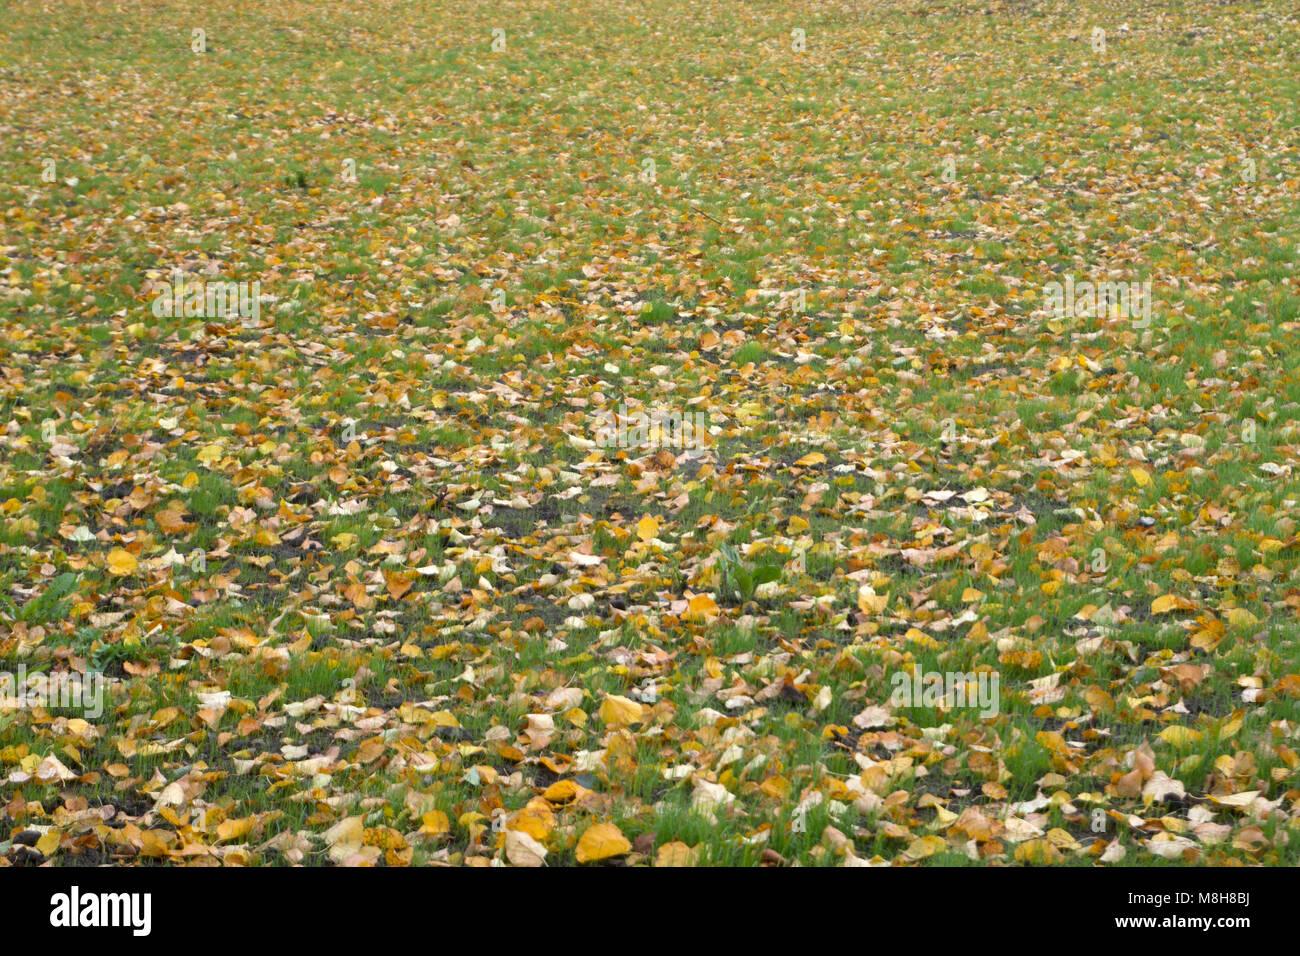 Caído otoño hojas amarillas en el suelo. Parche de hierba verde fresca en foco en primer plano. Hermoso parque de otoño. Papel tapiz de la temporada. El enfoque selectivo. Shal Foto de stock